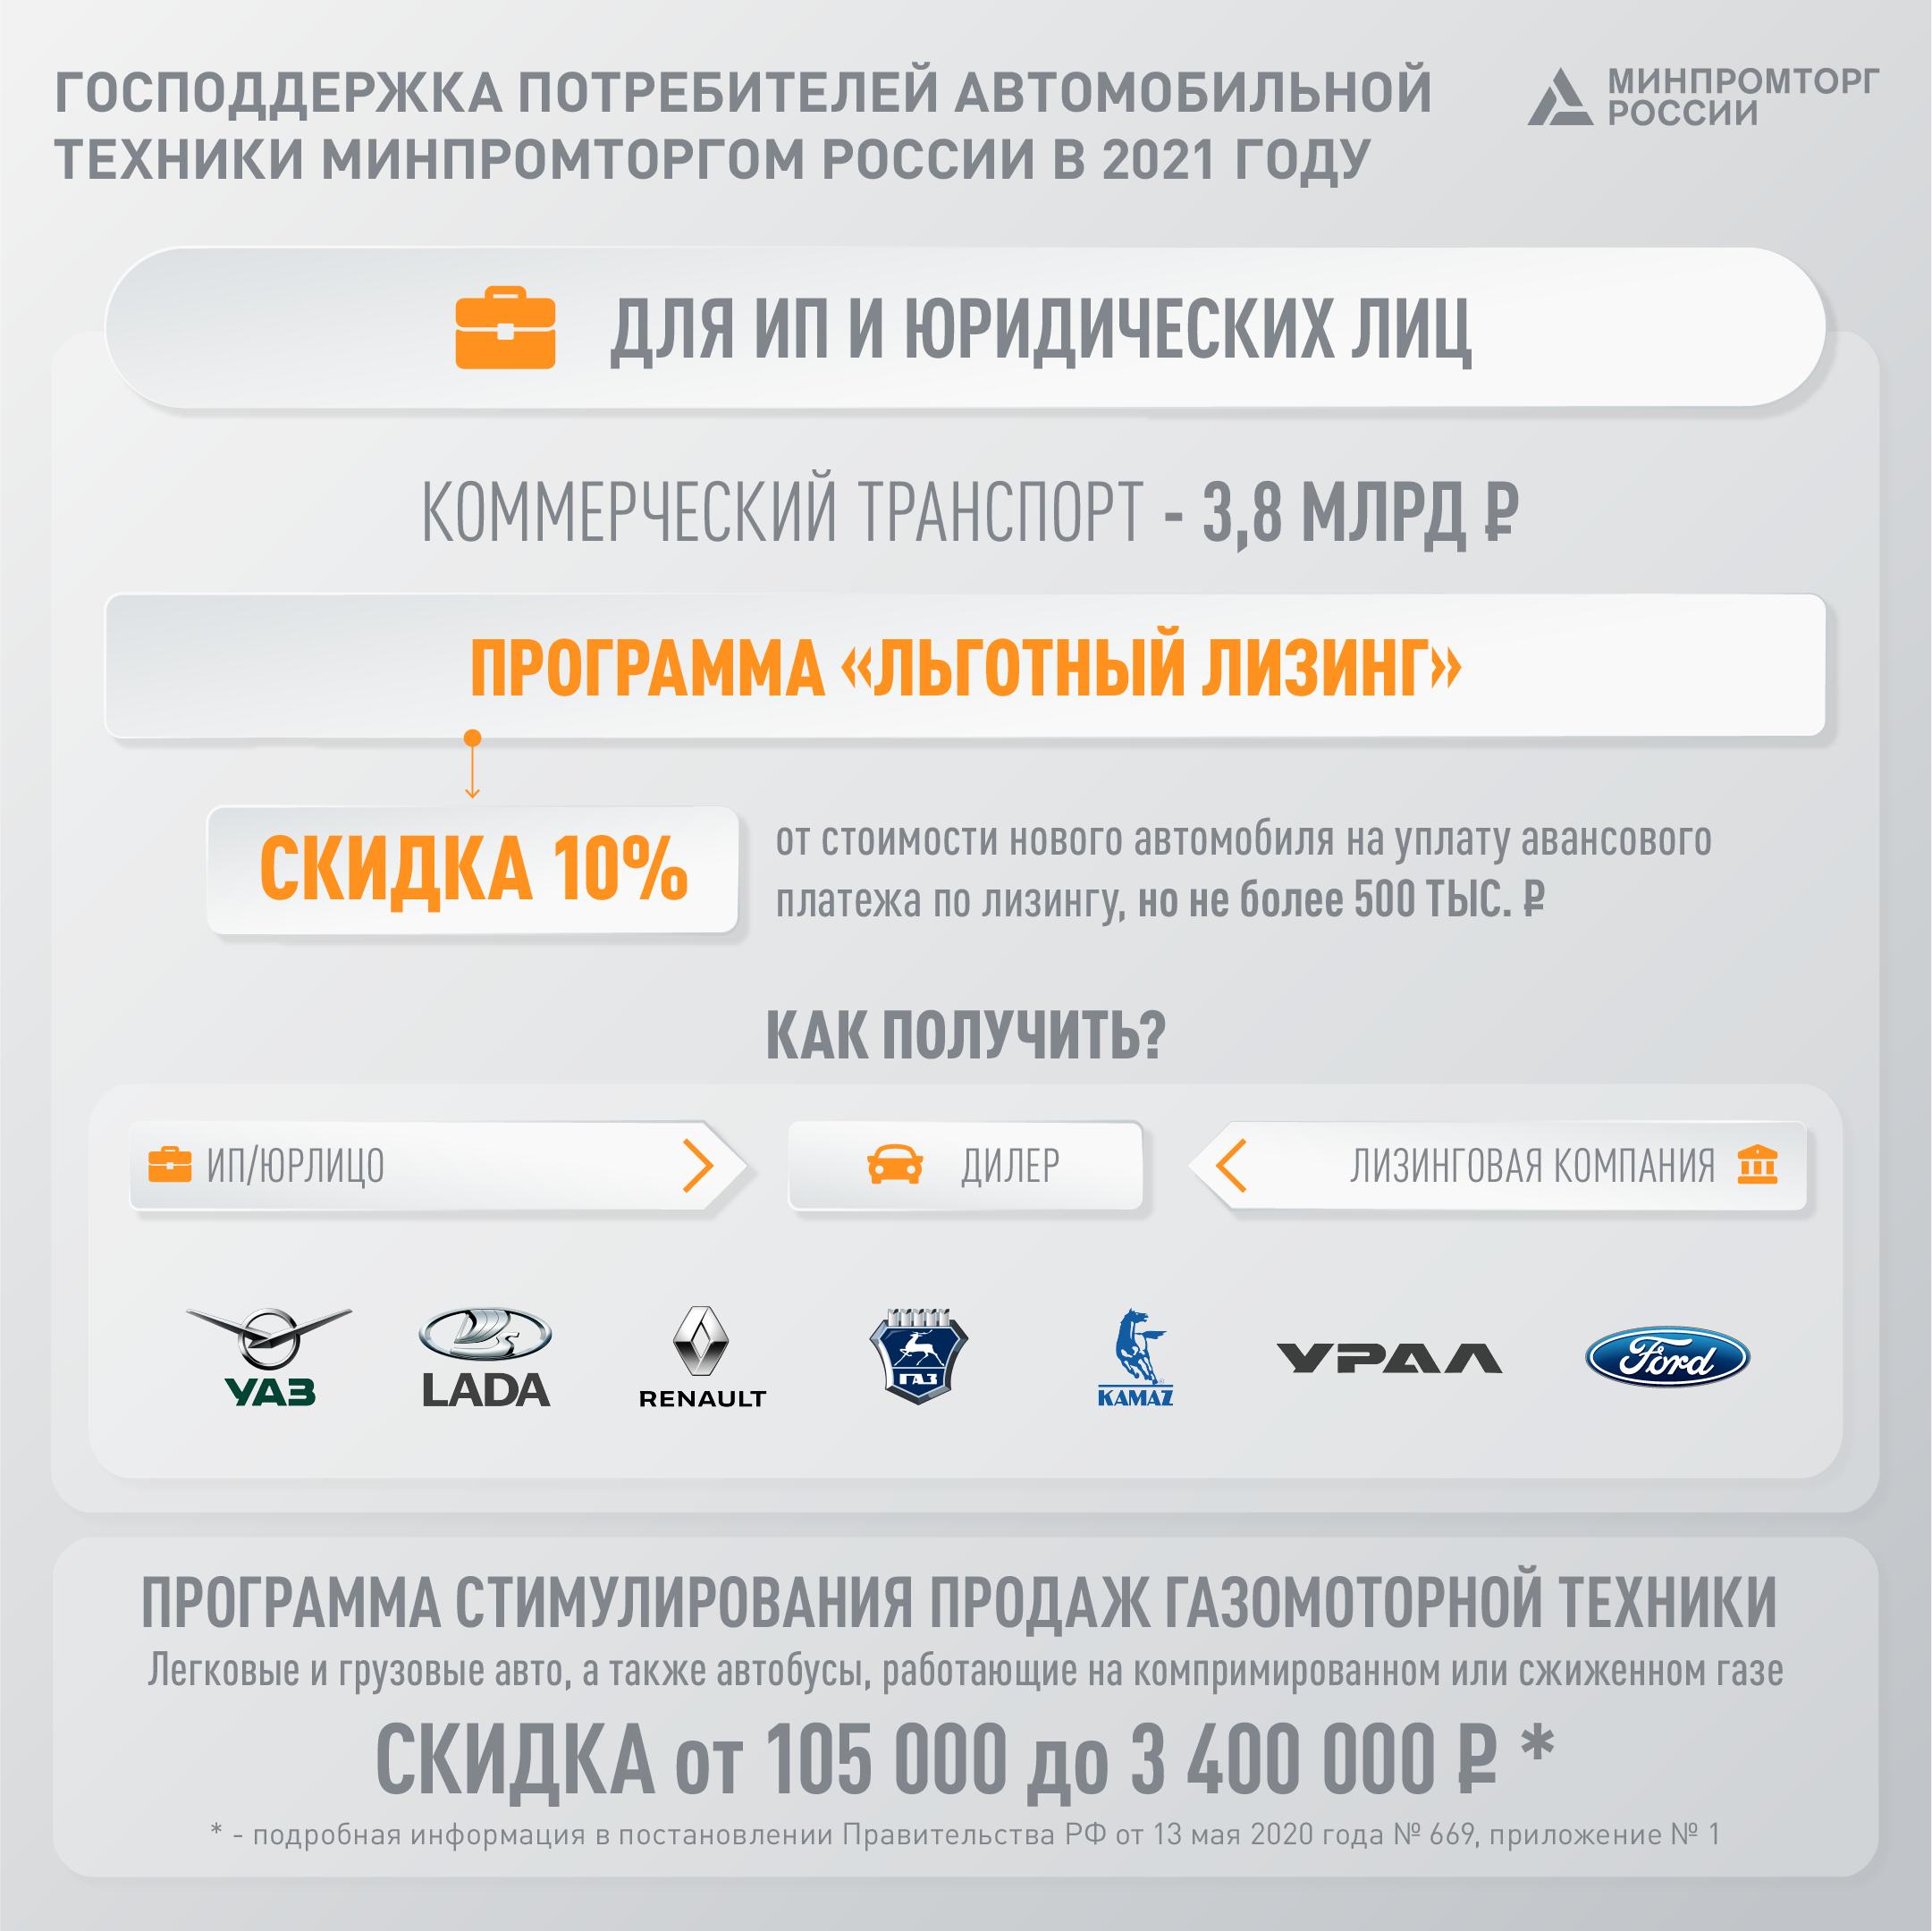 Правительство России направит свыше 16 миллиардов рублей, чтобы стимулировать спрос на авто 1